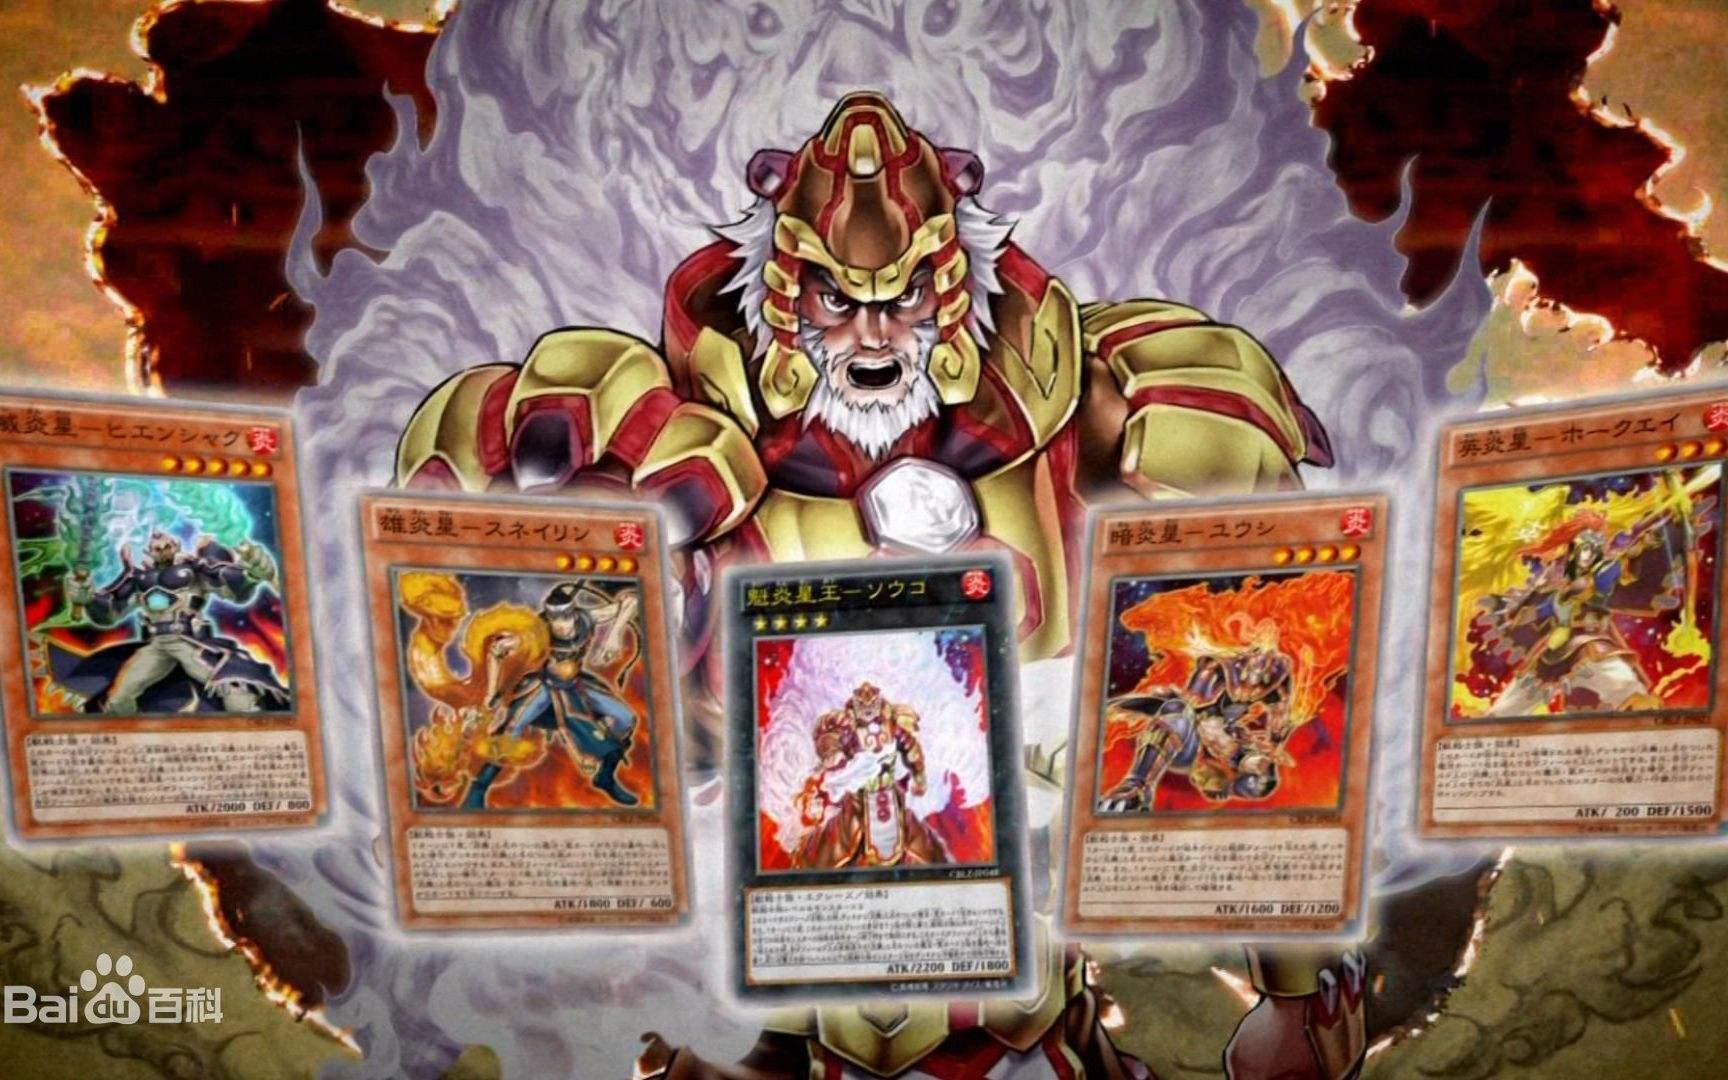 游戏之王:仪式怪兽浪子燕青,可以使怪兽效果